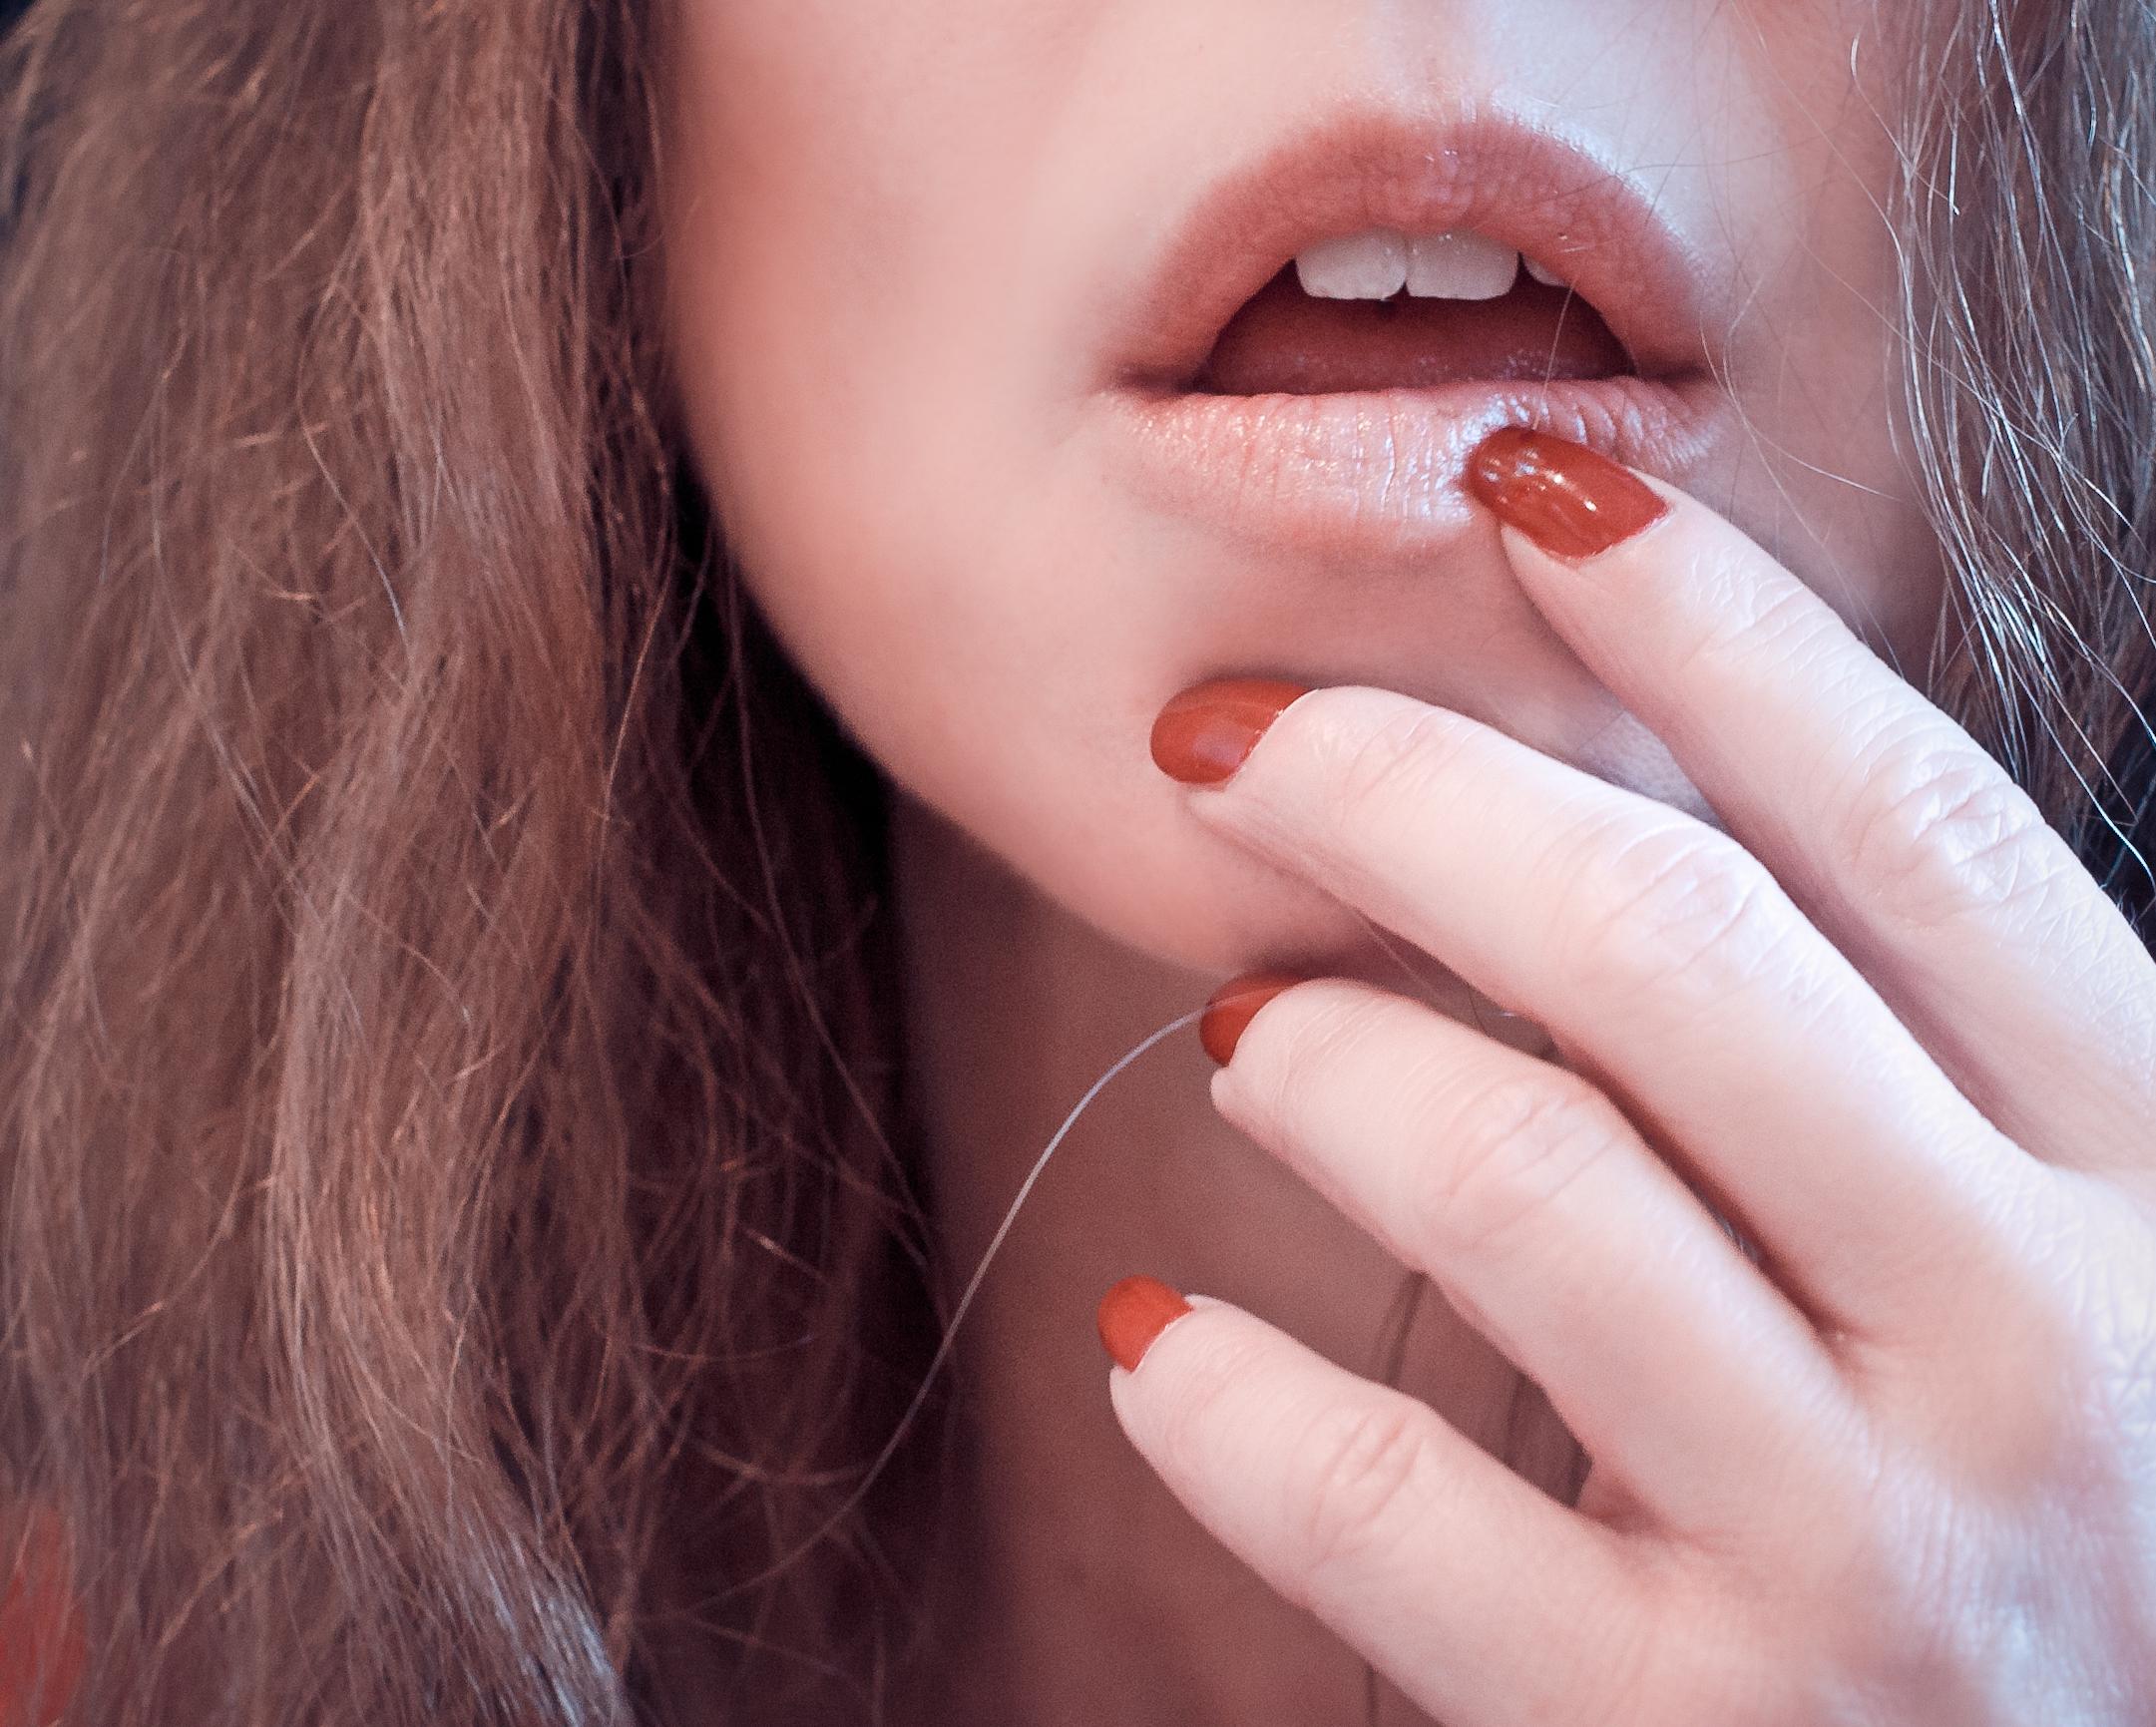 Hintergrundbilder : Gesicht, rot, Lippenstift, Lippen, Haar, Mund ...